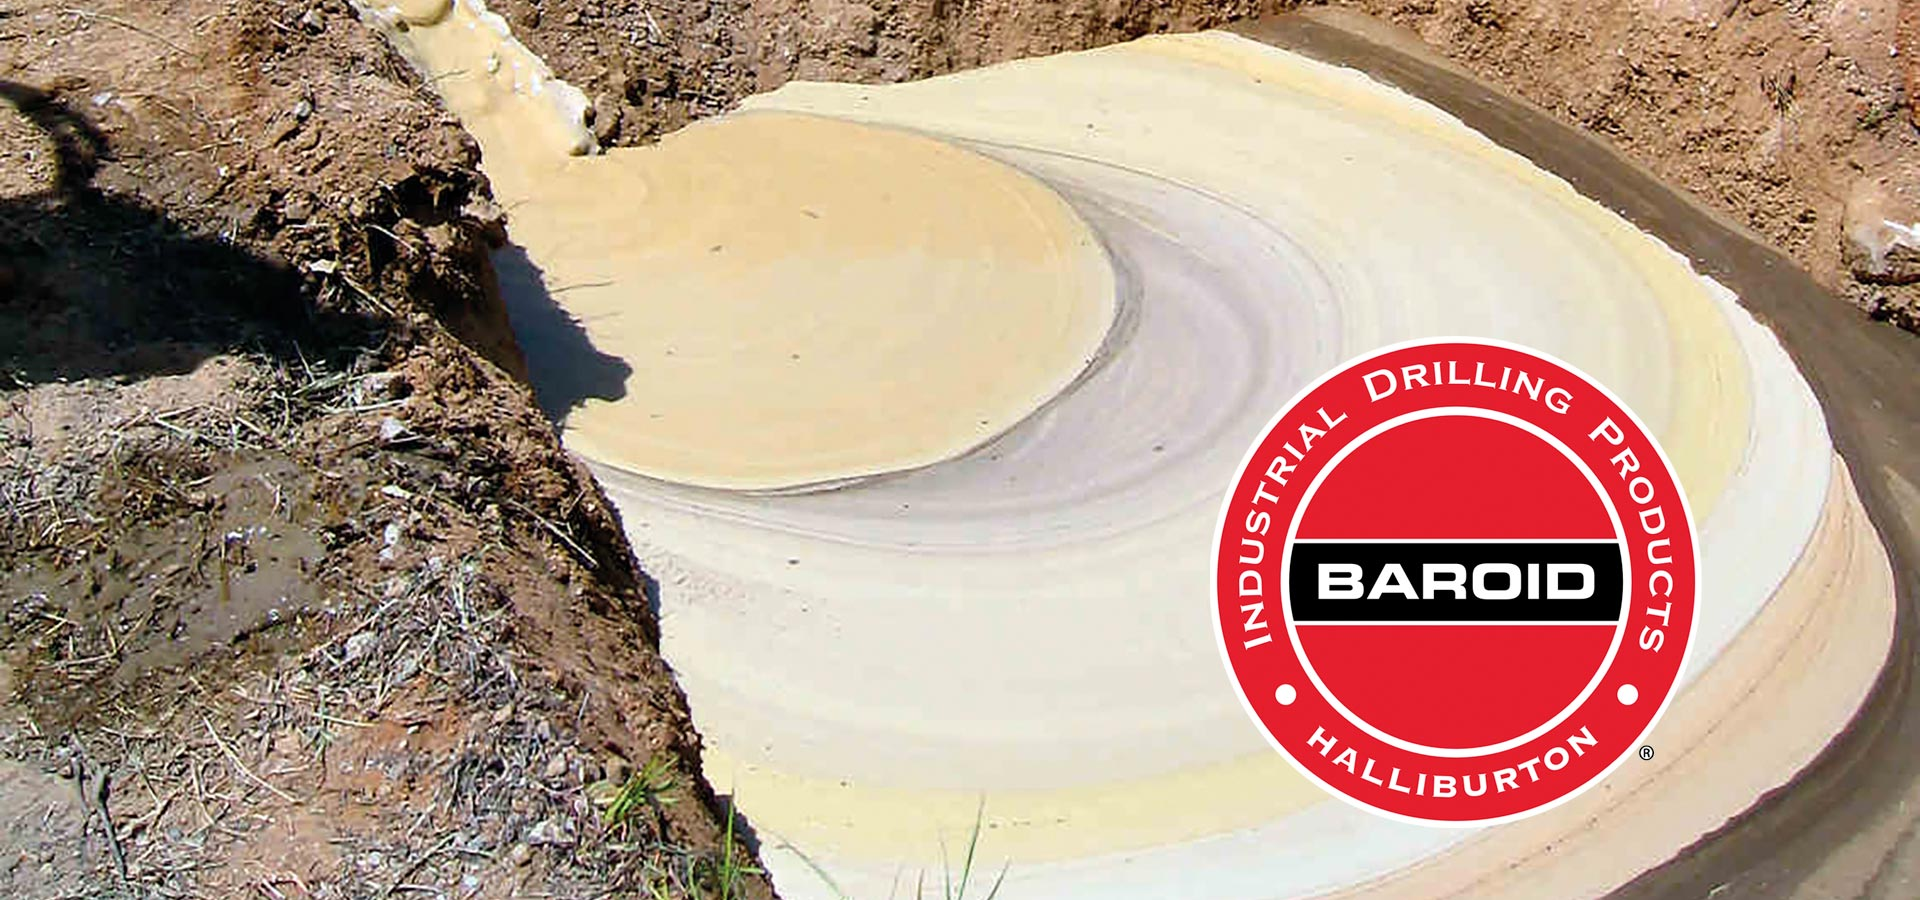 BAROID®-Mud-Schulung bei der L-Team Baumaschinen GmbH